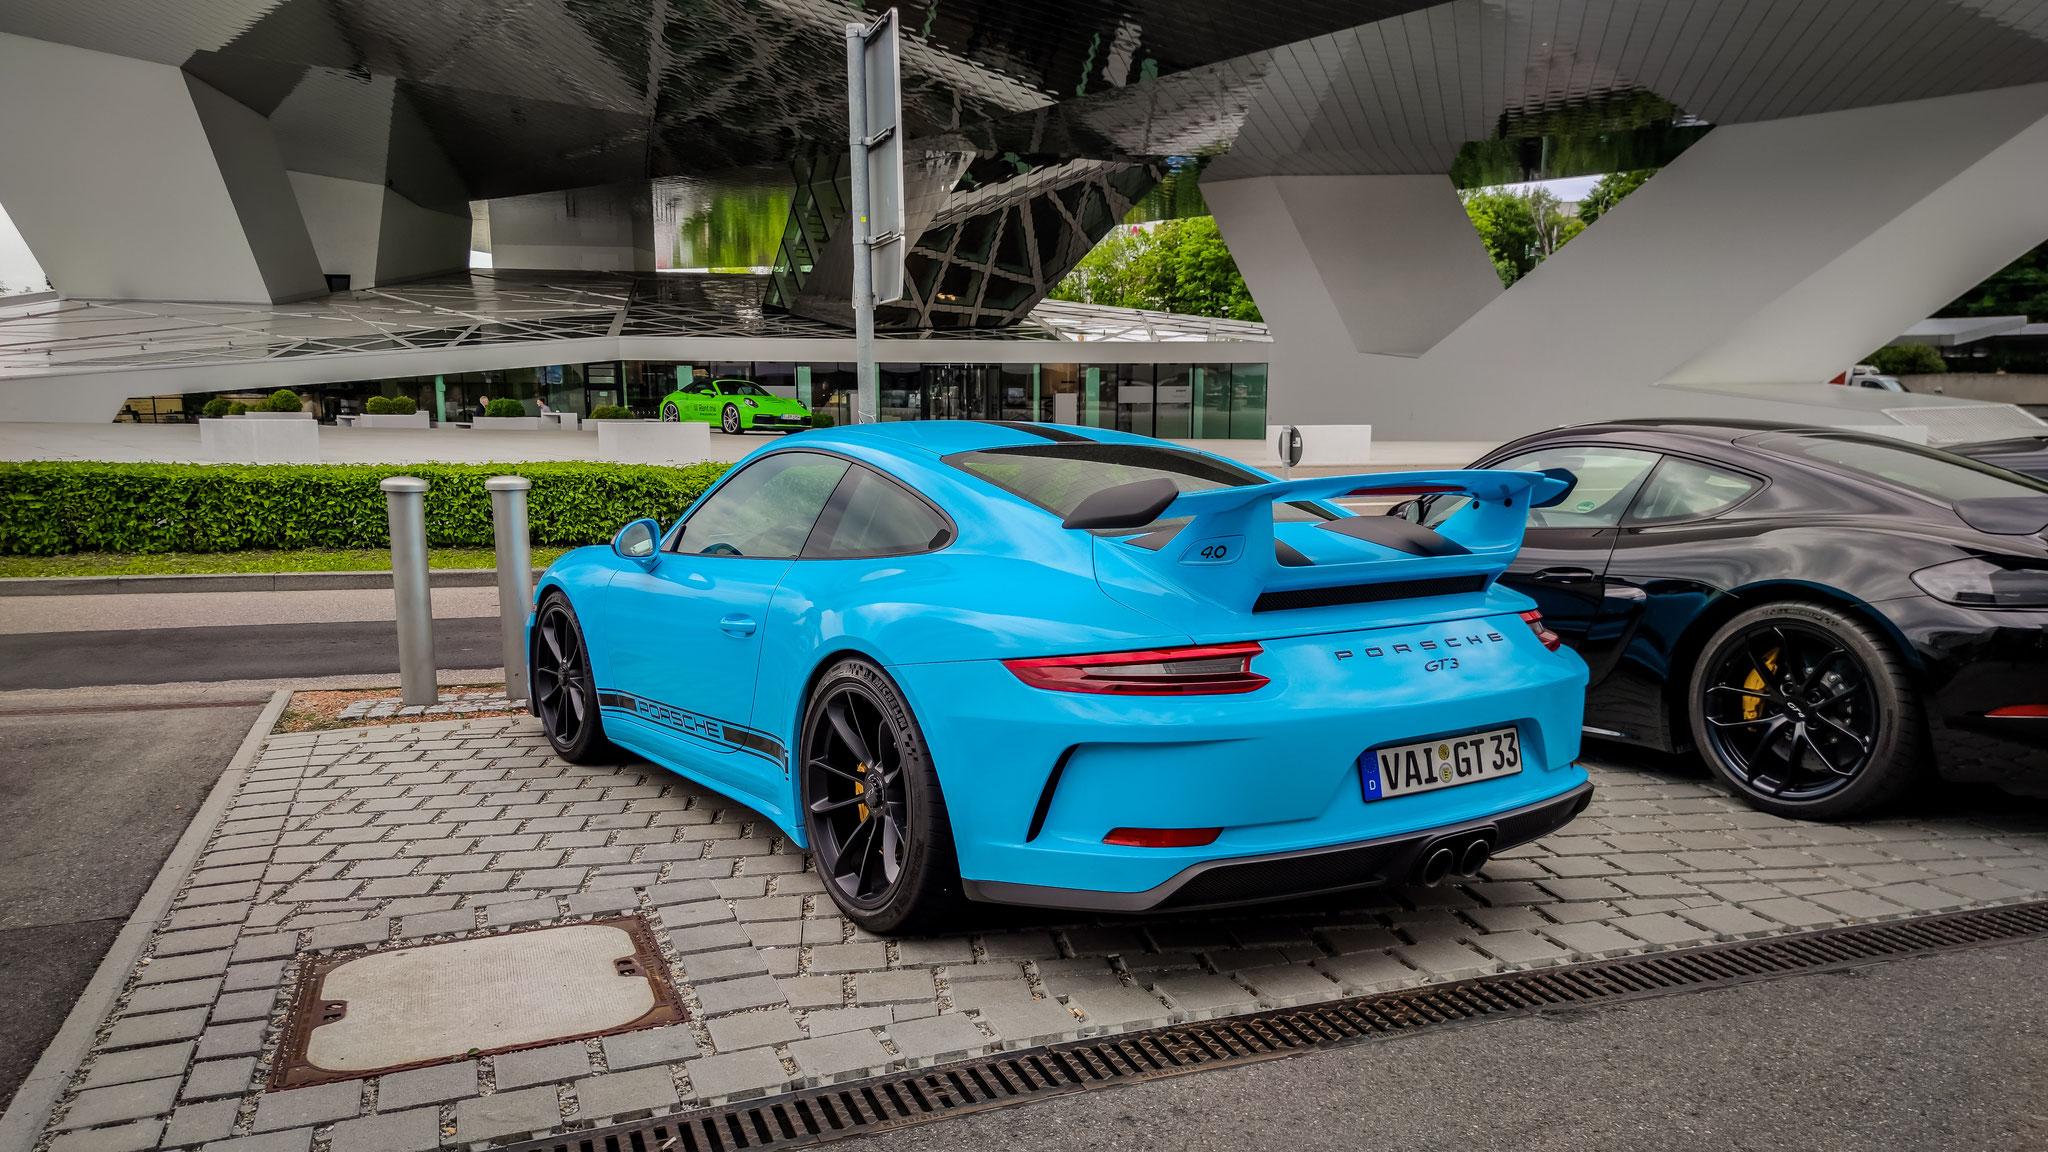 Porsche 991 GT3 - VAI-GT-33